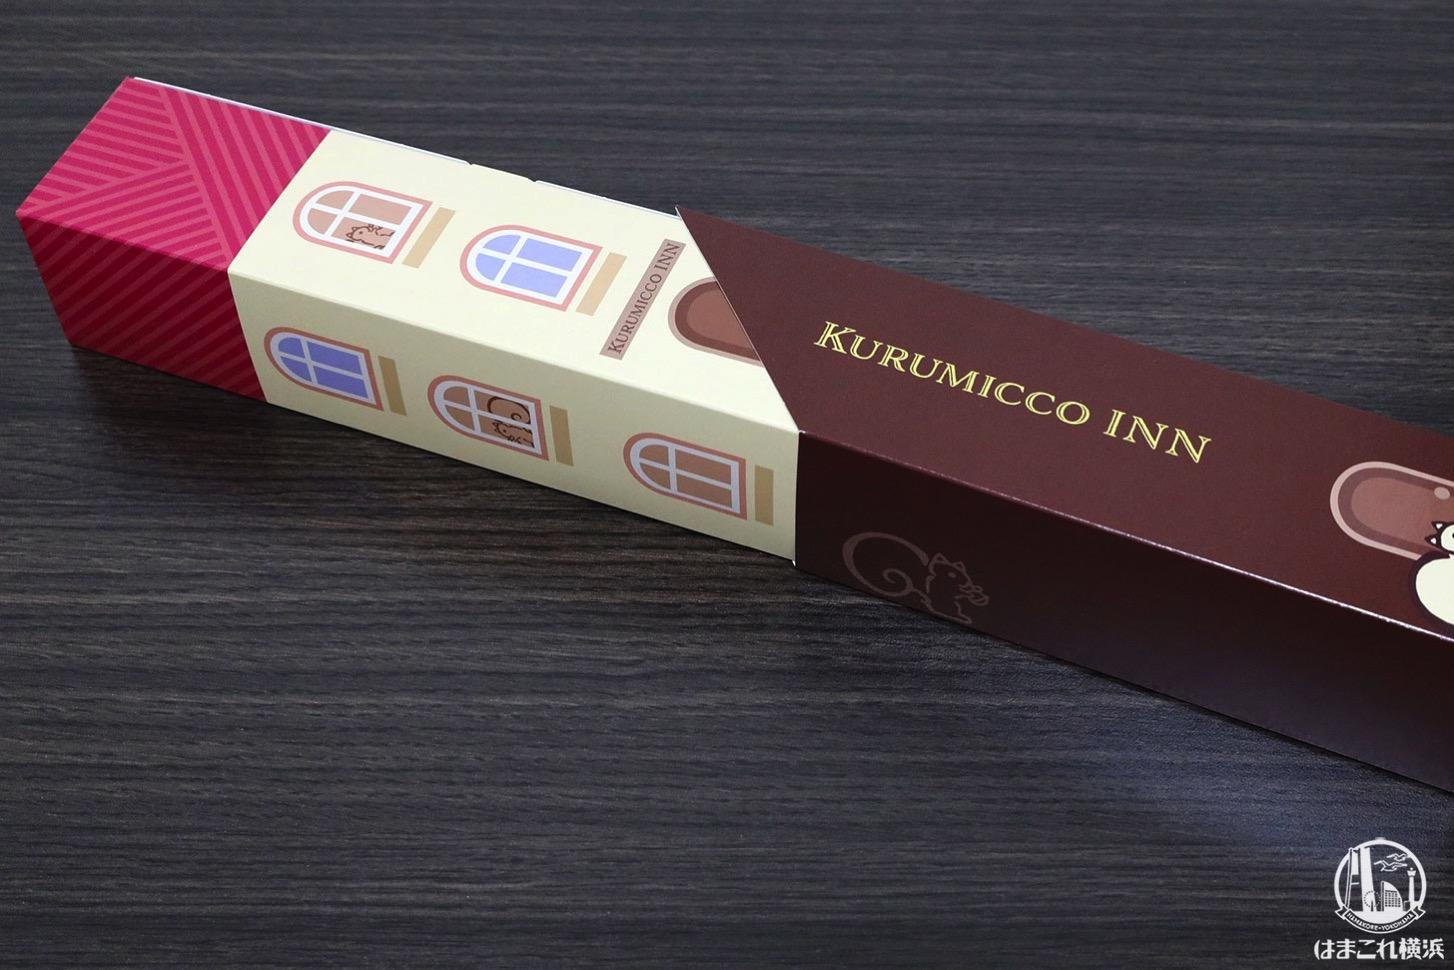 クルミッ子INN スライド式の箱デザイン4